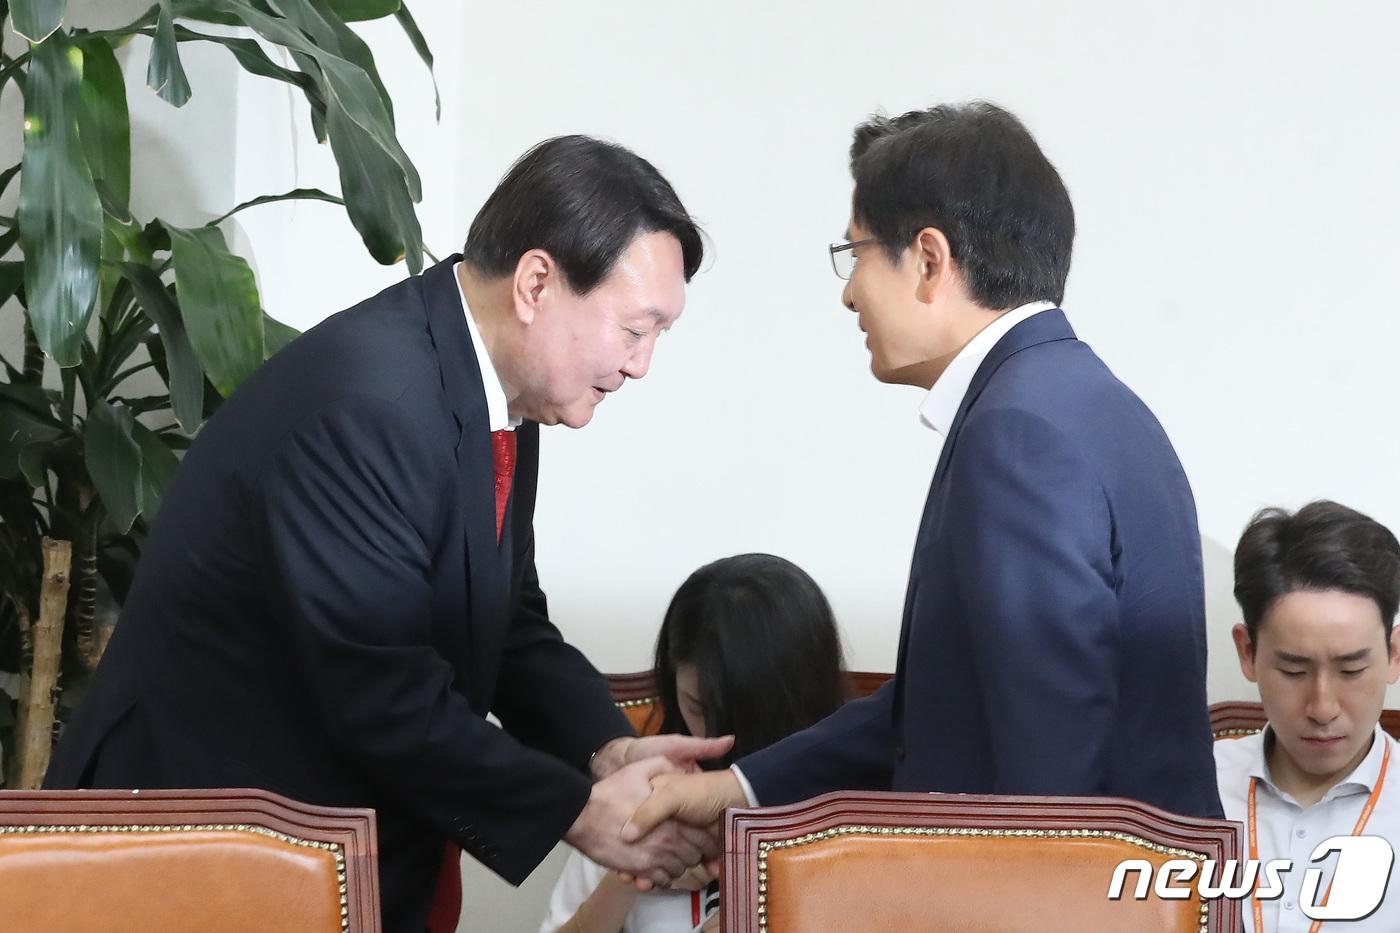 황교안 대표 찾은 윤석열 검찰총장 '선배 향한 깍듯한 인사'